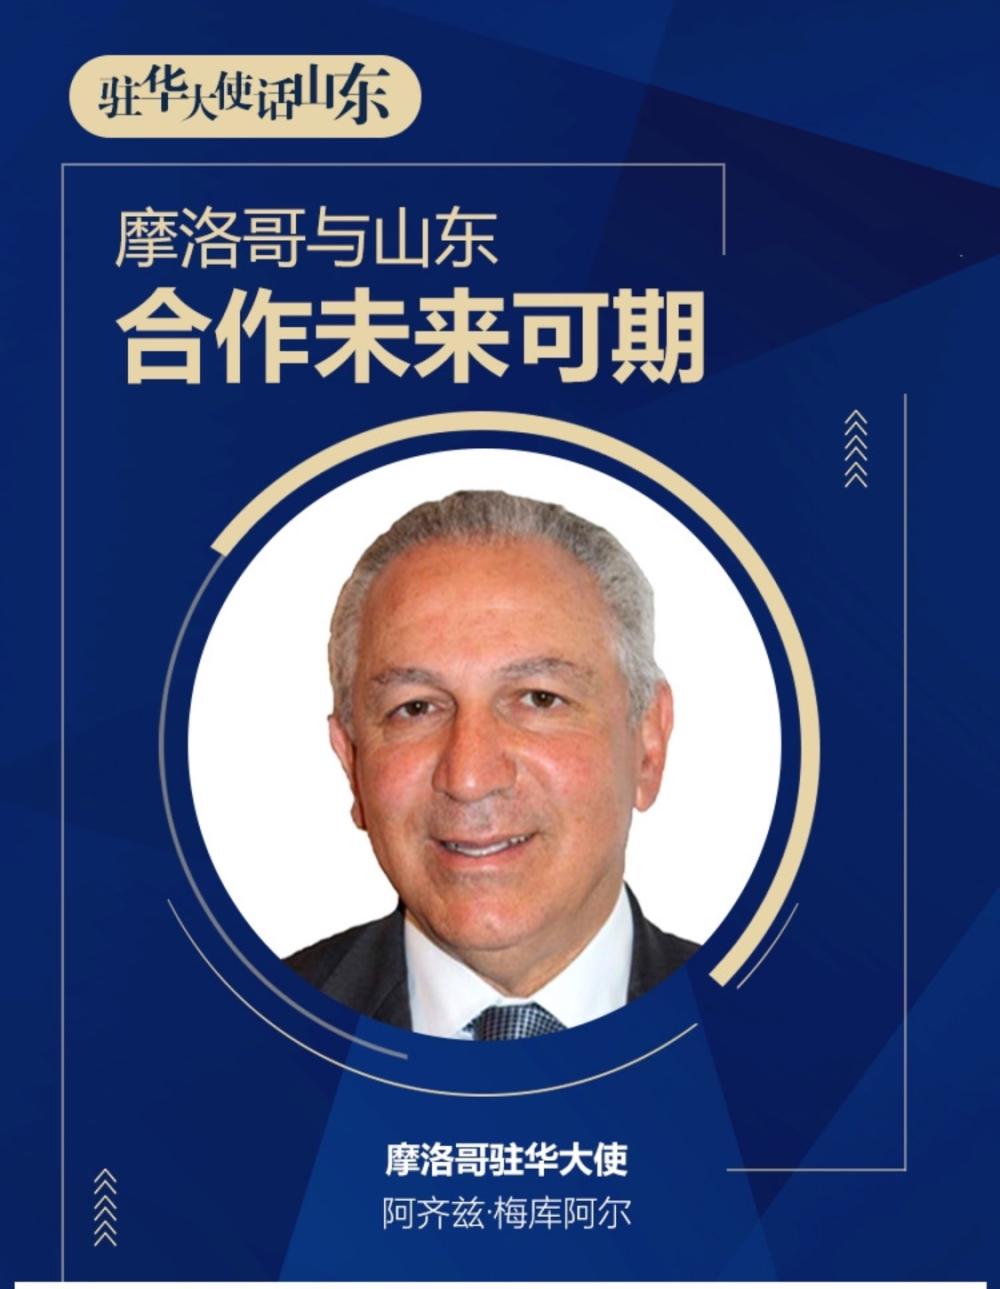 驻华大使话山东丨摩洛哥驻华大使:摩洛哥与山东合作未来可期